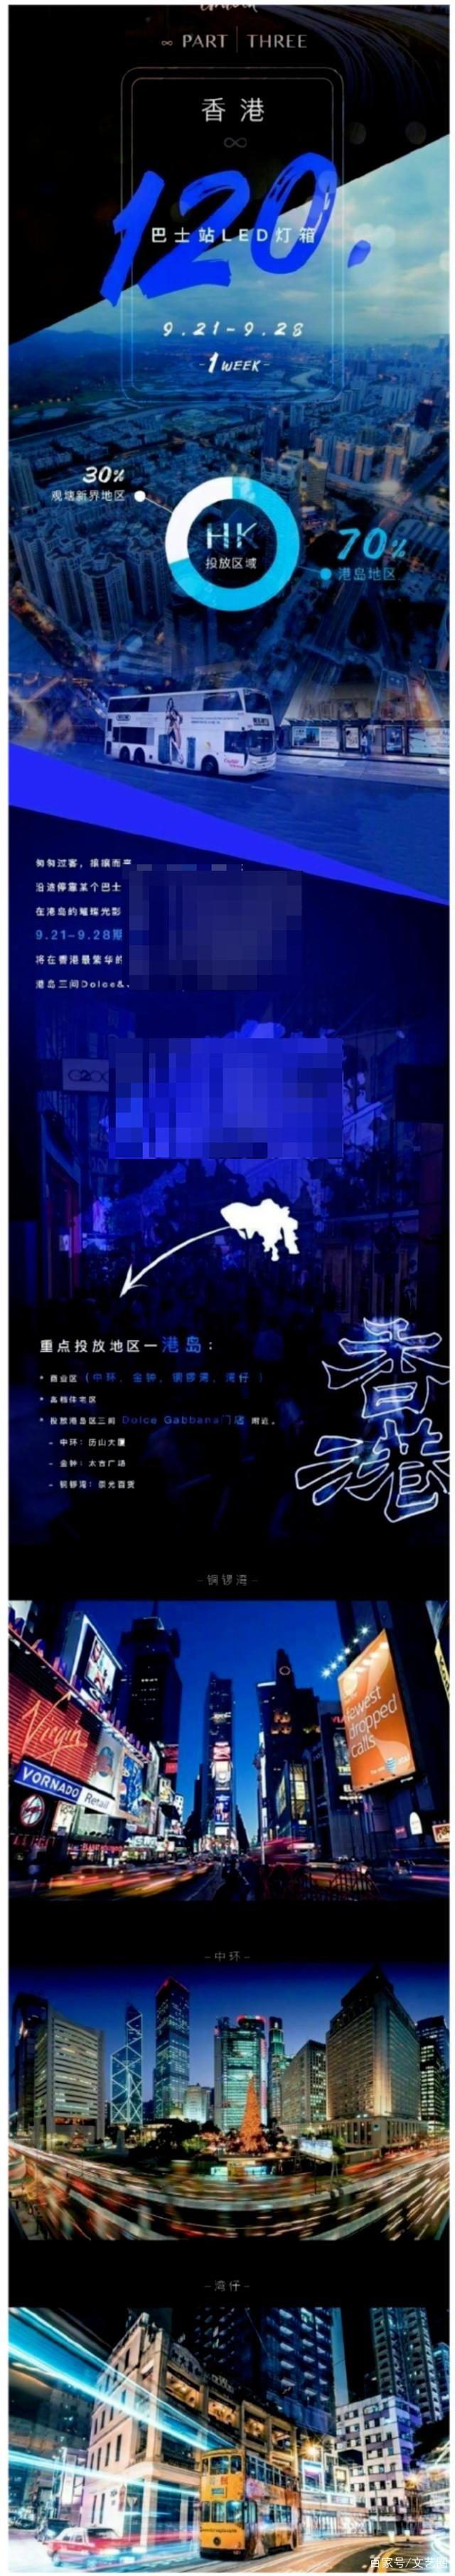 饭圈|少年之名李希侃C位出道,后援会充400年会员,饭圈的奢靡令人发指